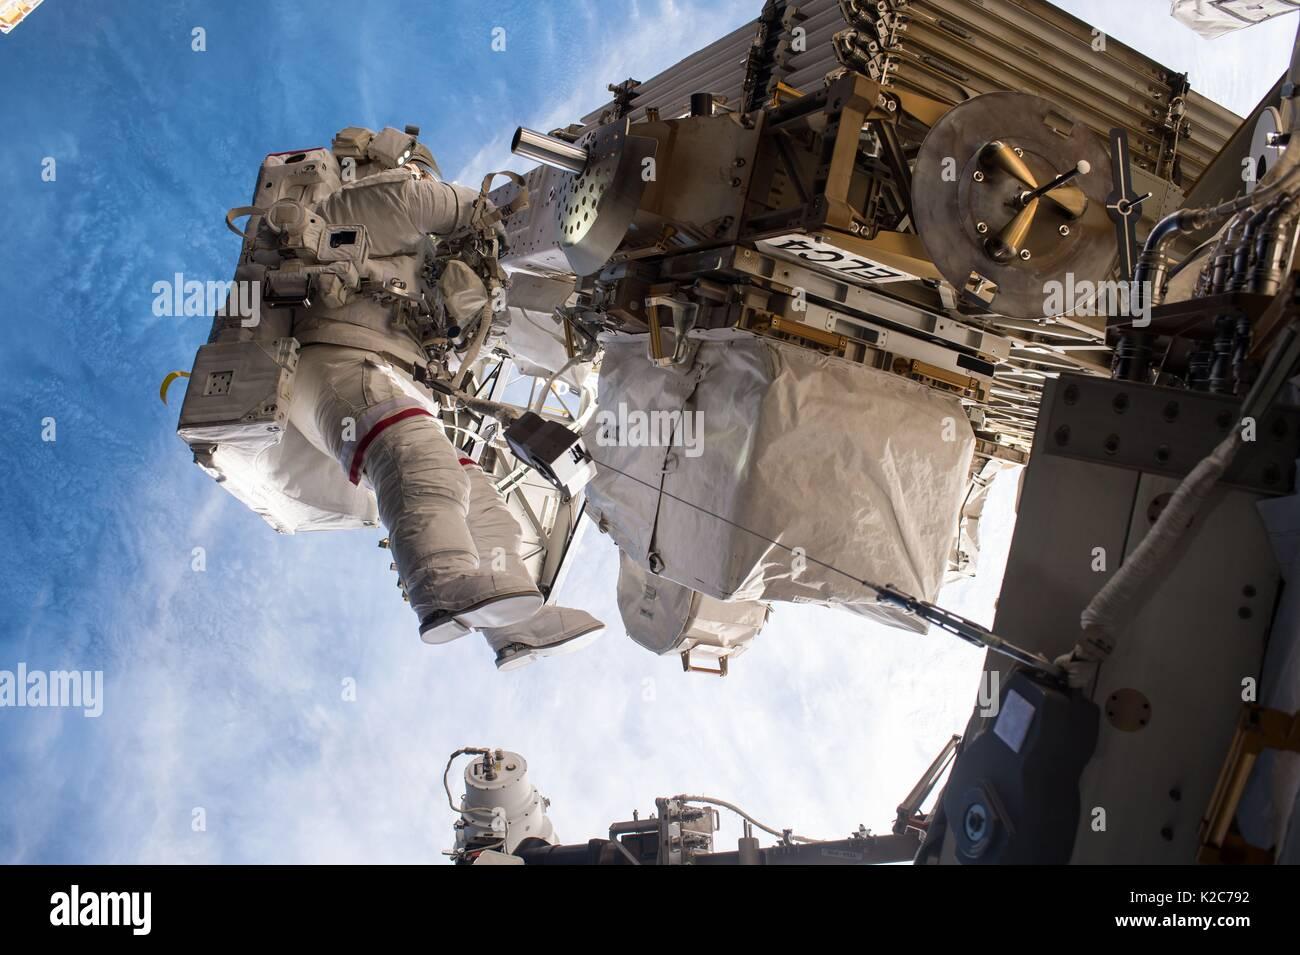 Expedición de la Estación Espacial Internacional de la NASA 51 el primer miembro de la tripulación, el astronauta estadounidense Peggy Whitson obras en el exterior de la ISS durante una caminata espacial, EVA Mayo 12, 2017 en la órbita de la tierra. Foto de stock